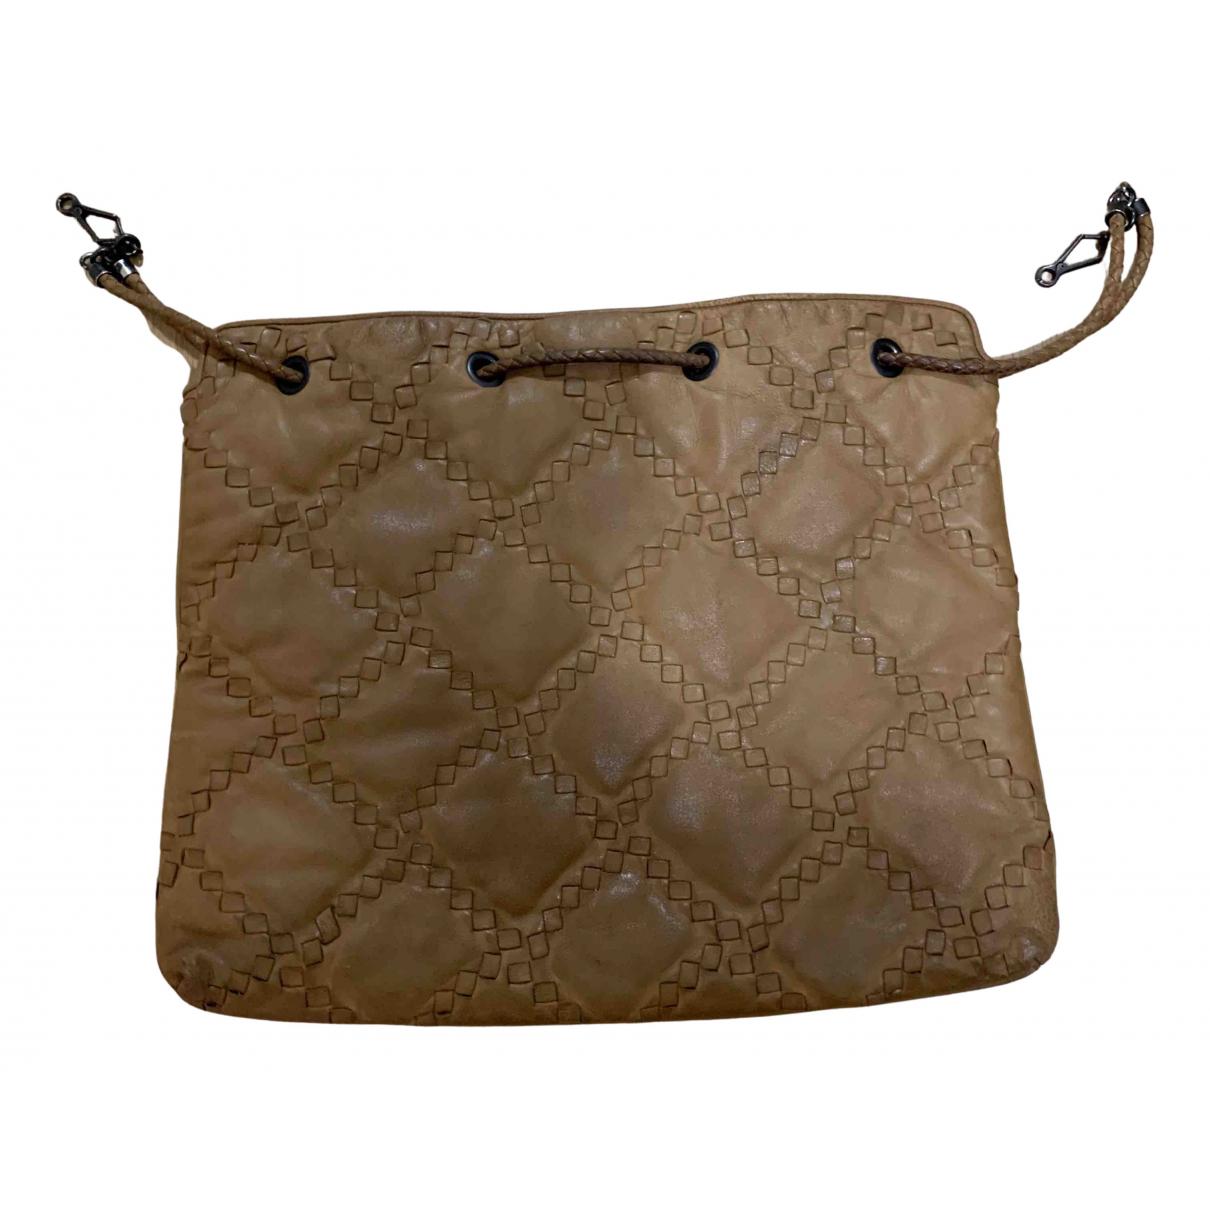 Bottega Veneta N Camel Leather handbag for Women N